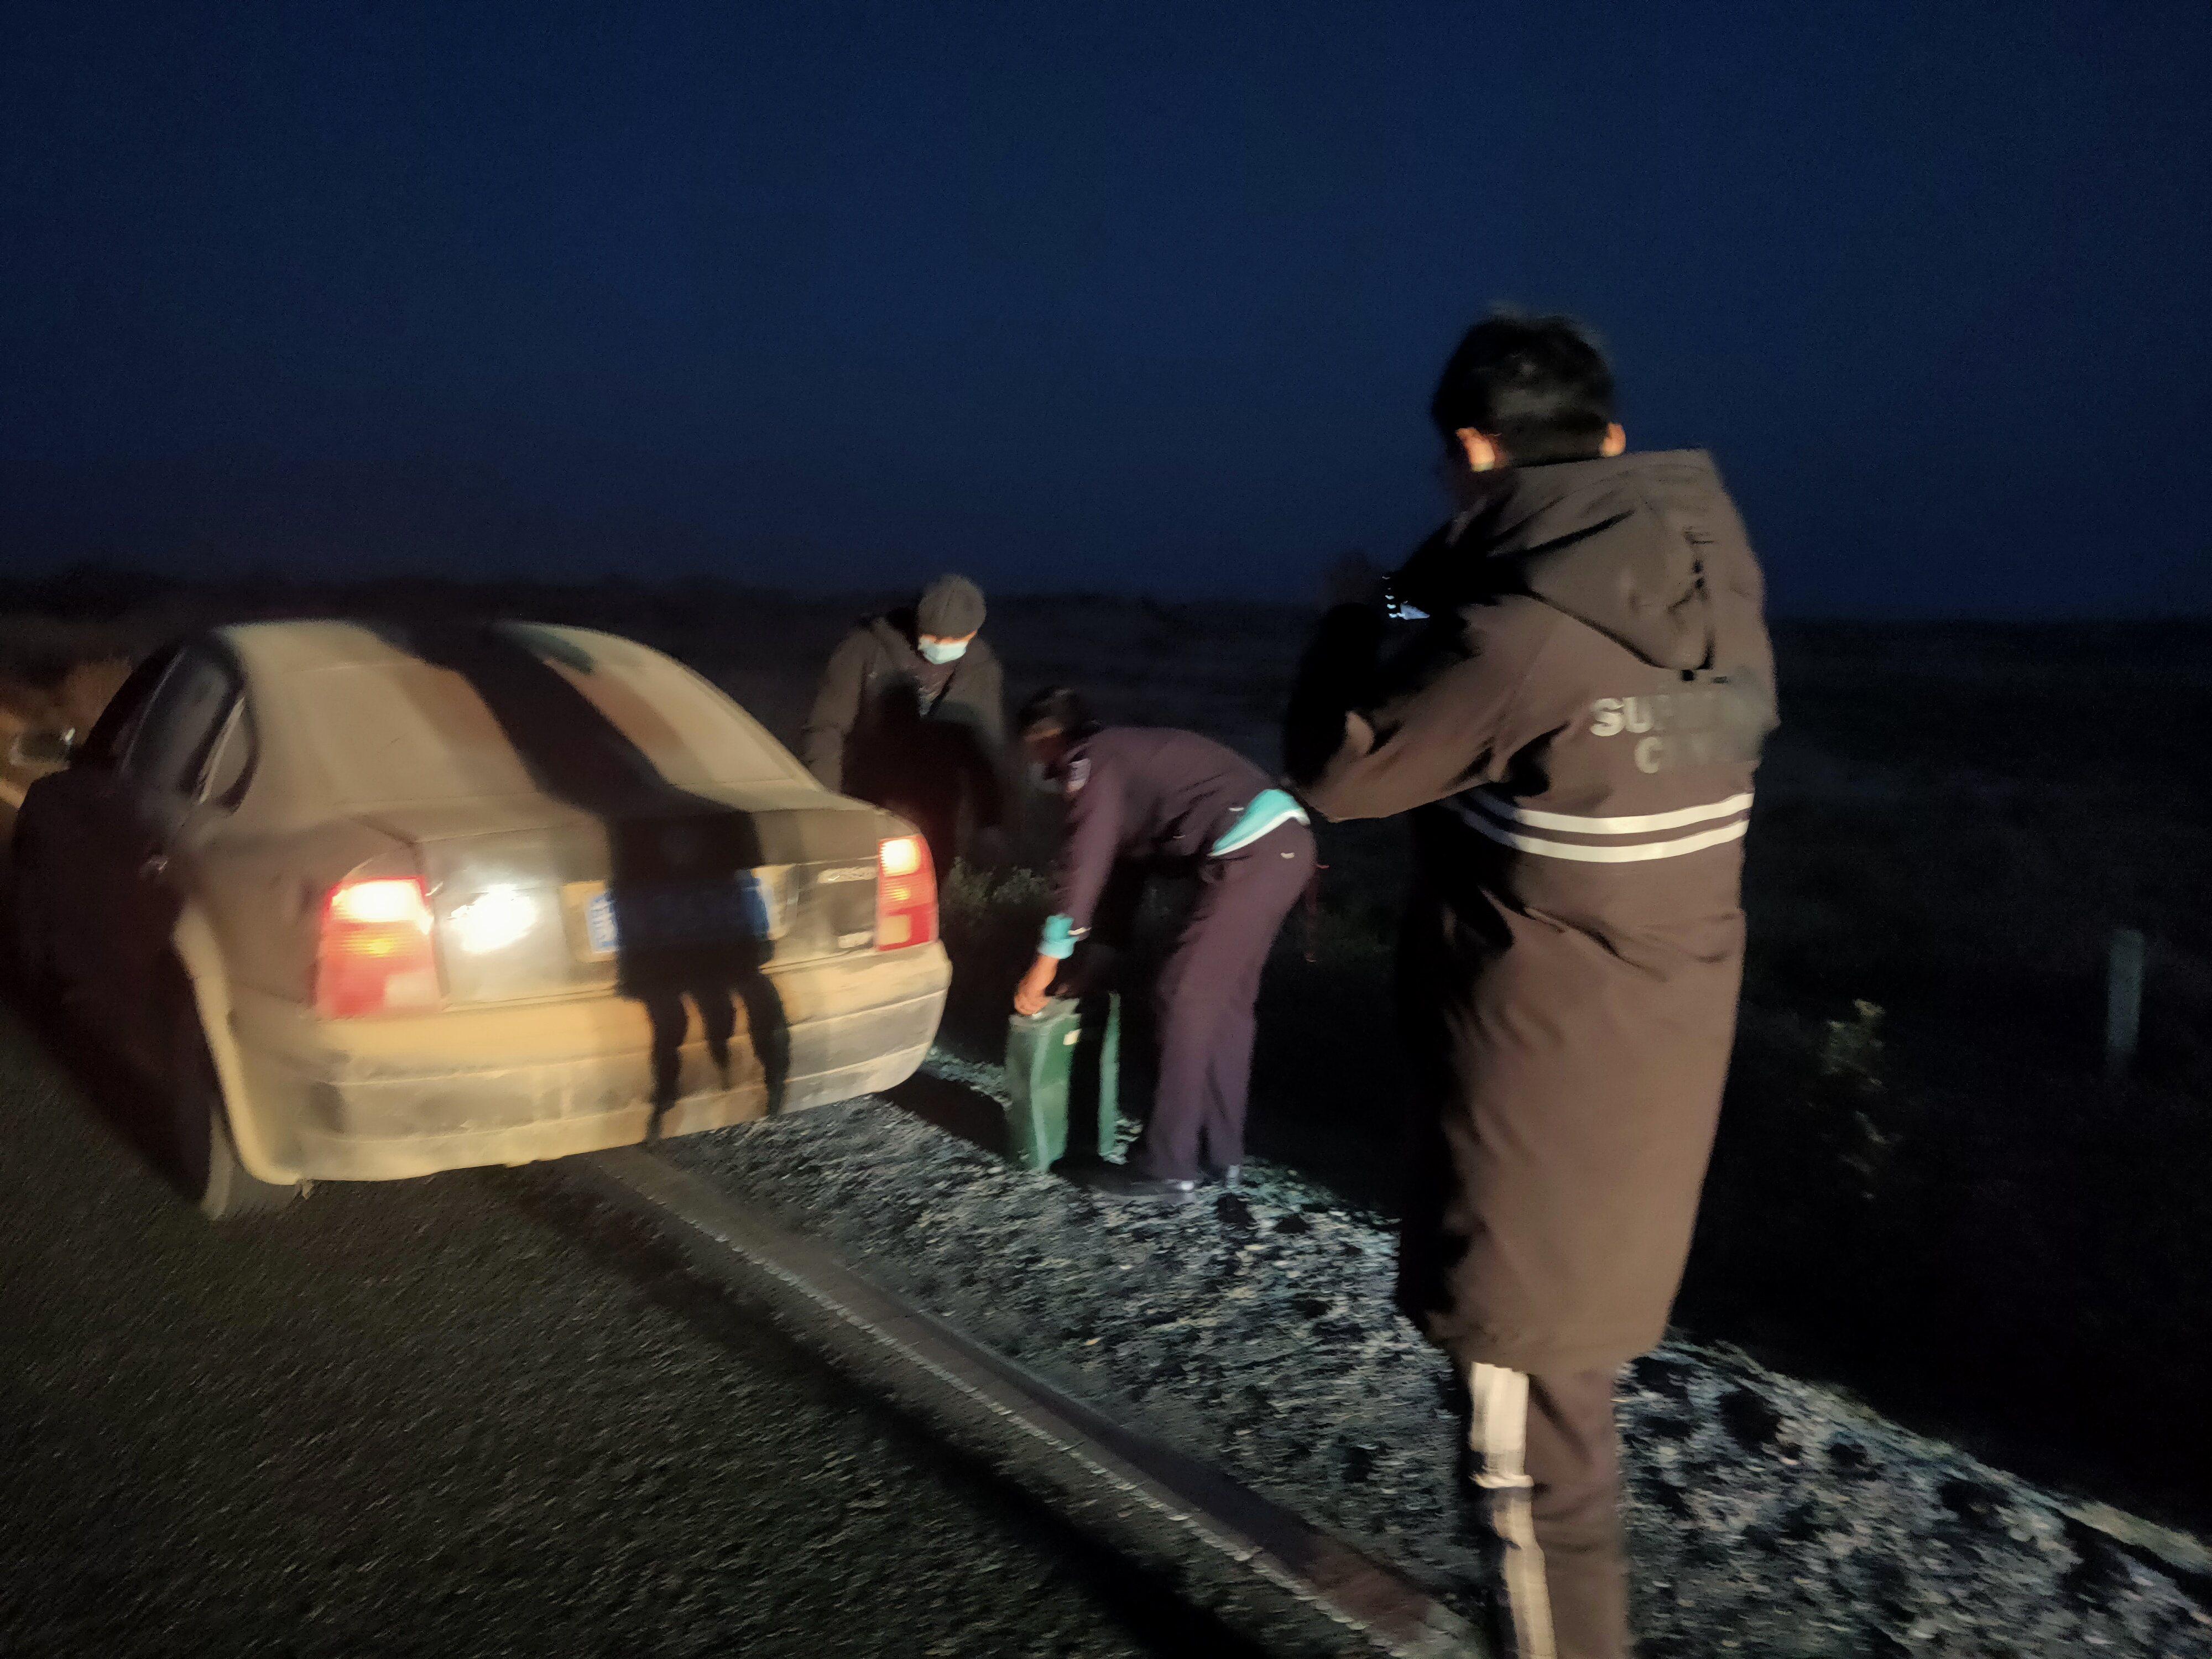 民警半夜搜救戈壁抛锚车辆